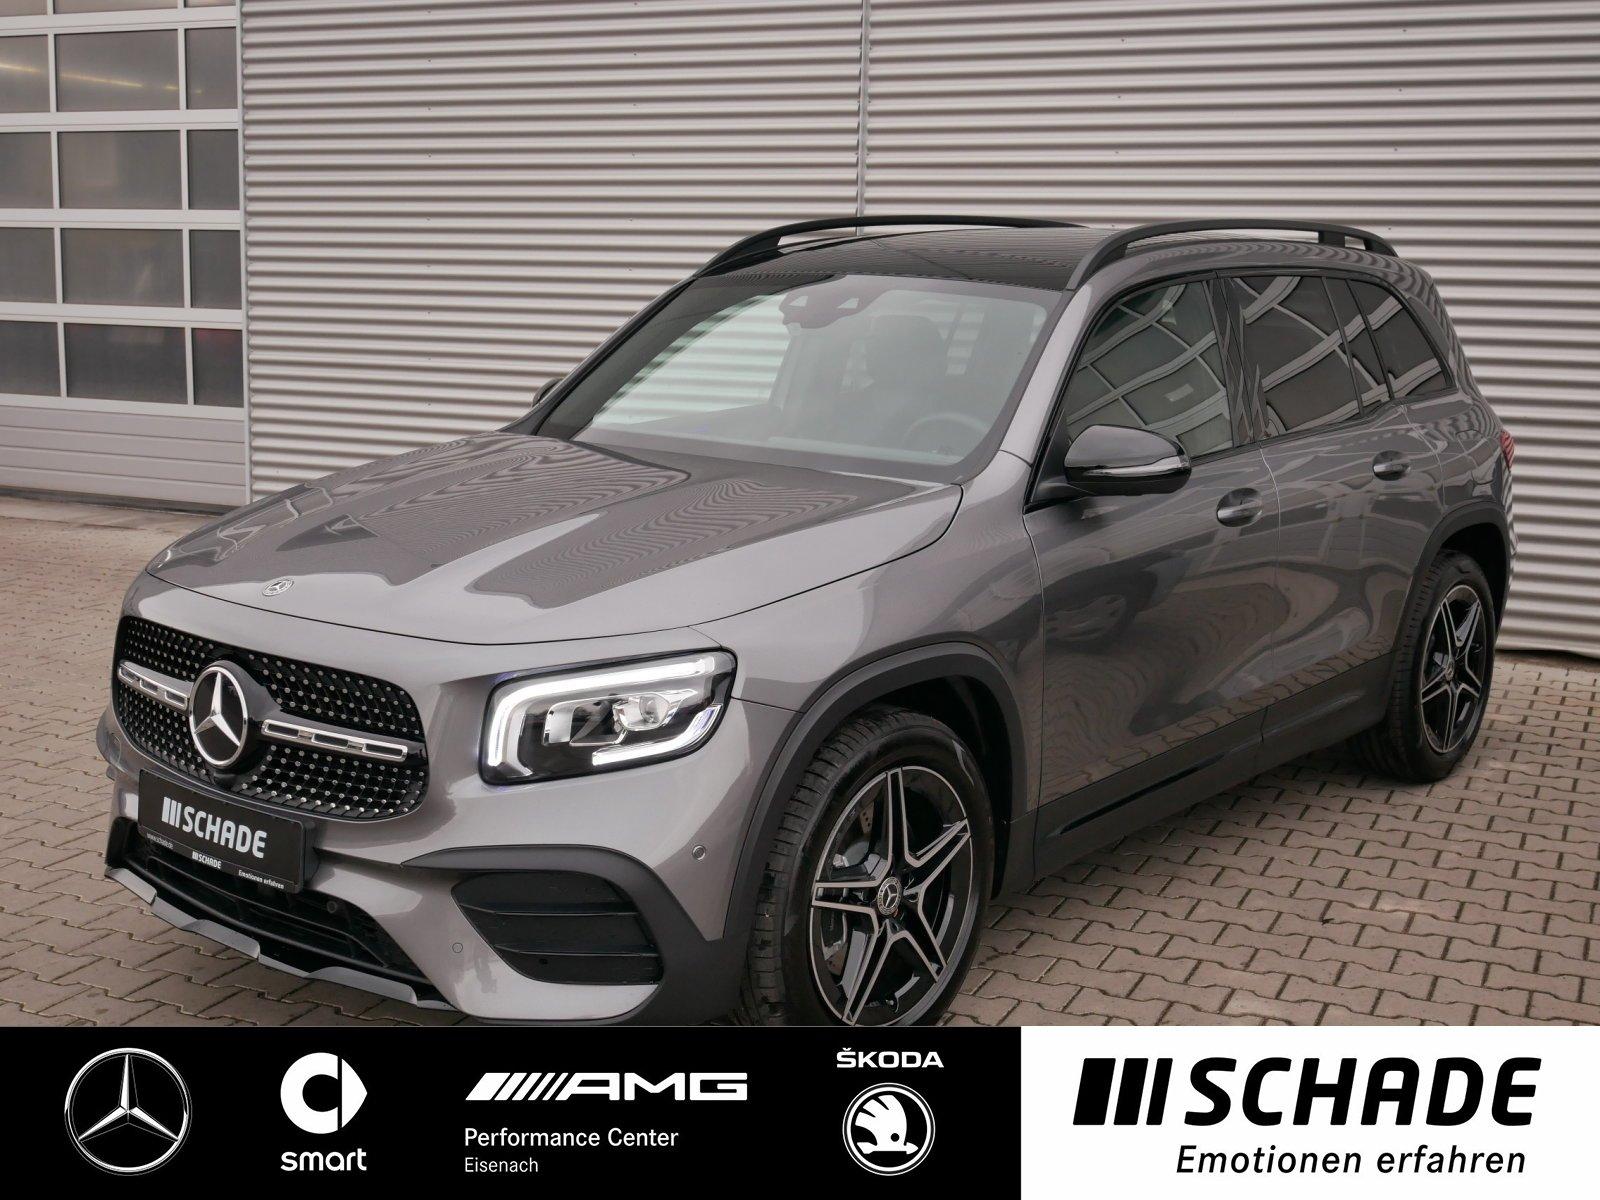 Mercedes-Benz GLB 250 4M AMG Pano-Dach*LED*MBUX*Rückfahrkamera, Jahr 2019, Benzin